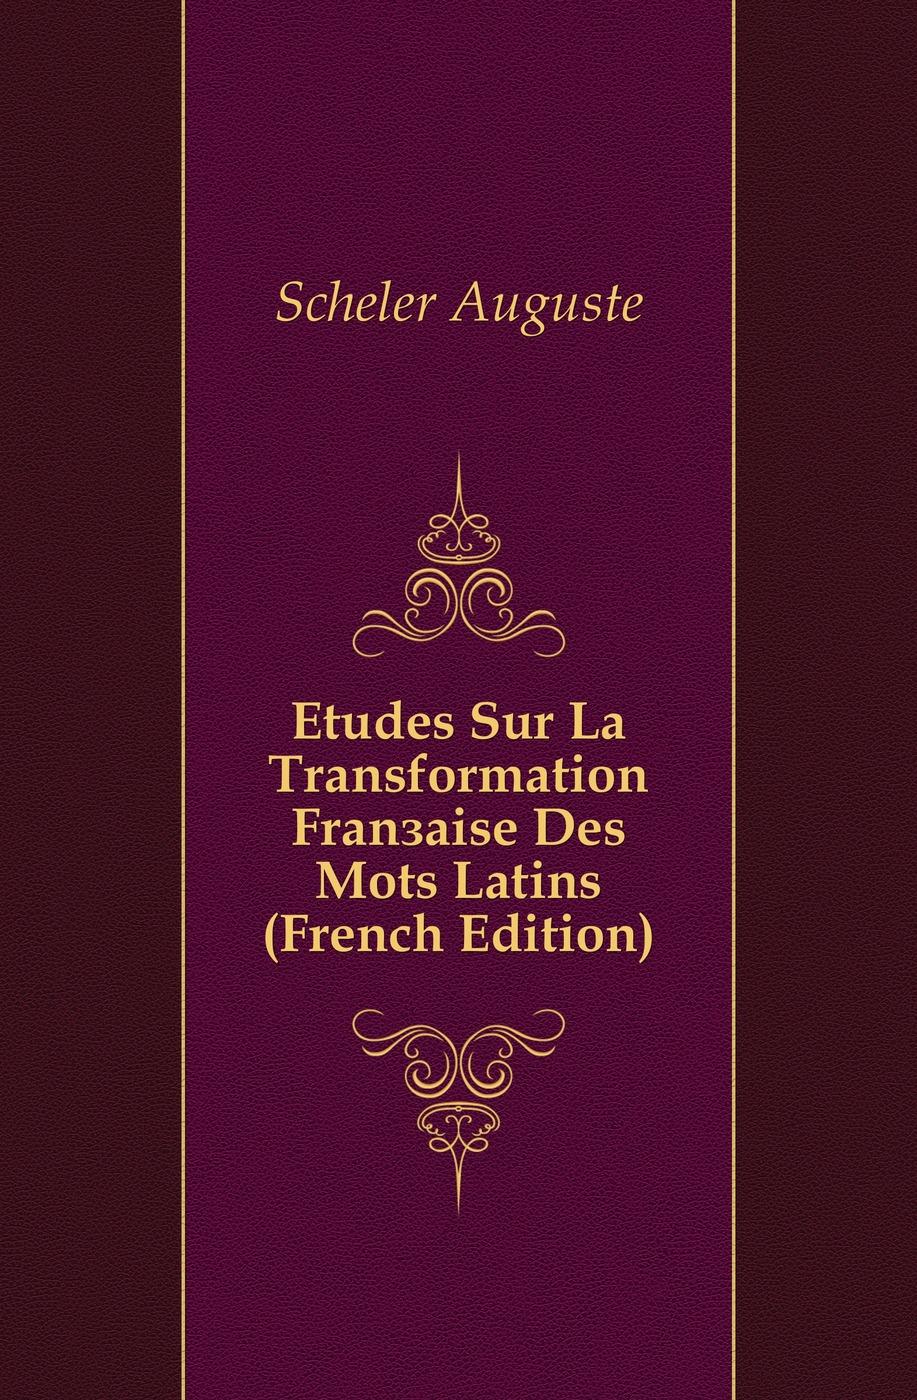 Scheler Auguste Etudes Sur La Transformation Francaise Des Mots Latins (French Edition) ménière prosper etudes medicales sur les poetes latins french edition